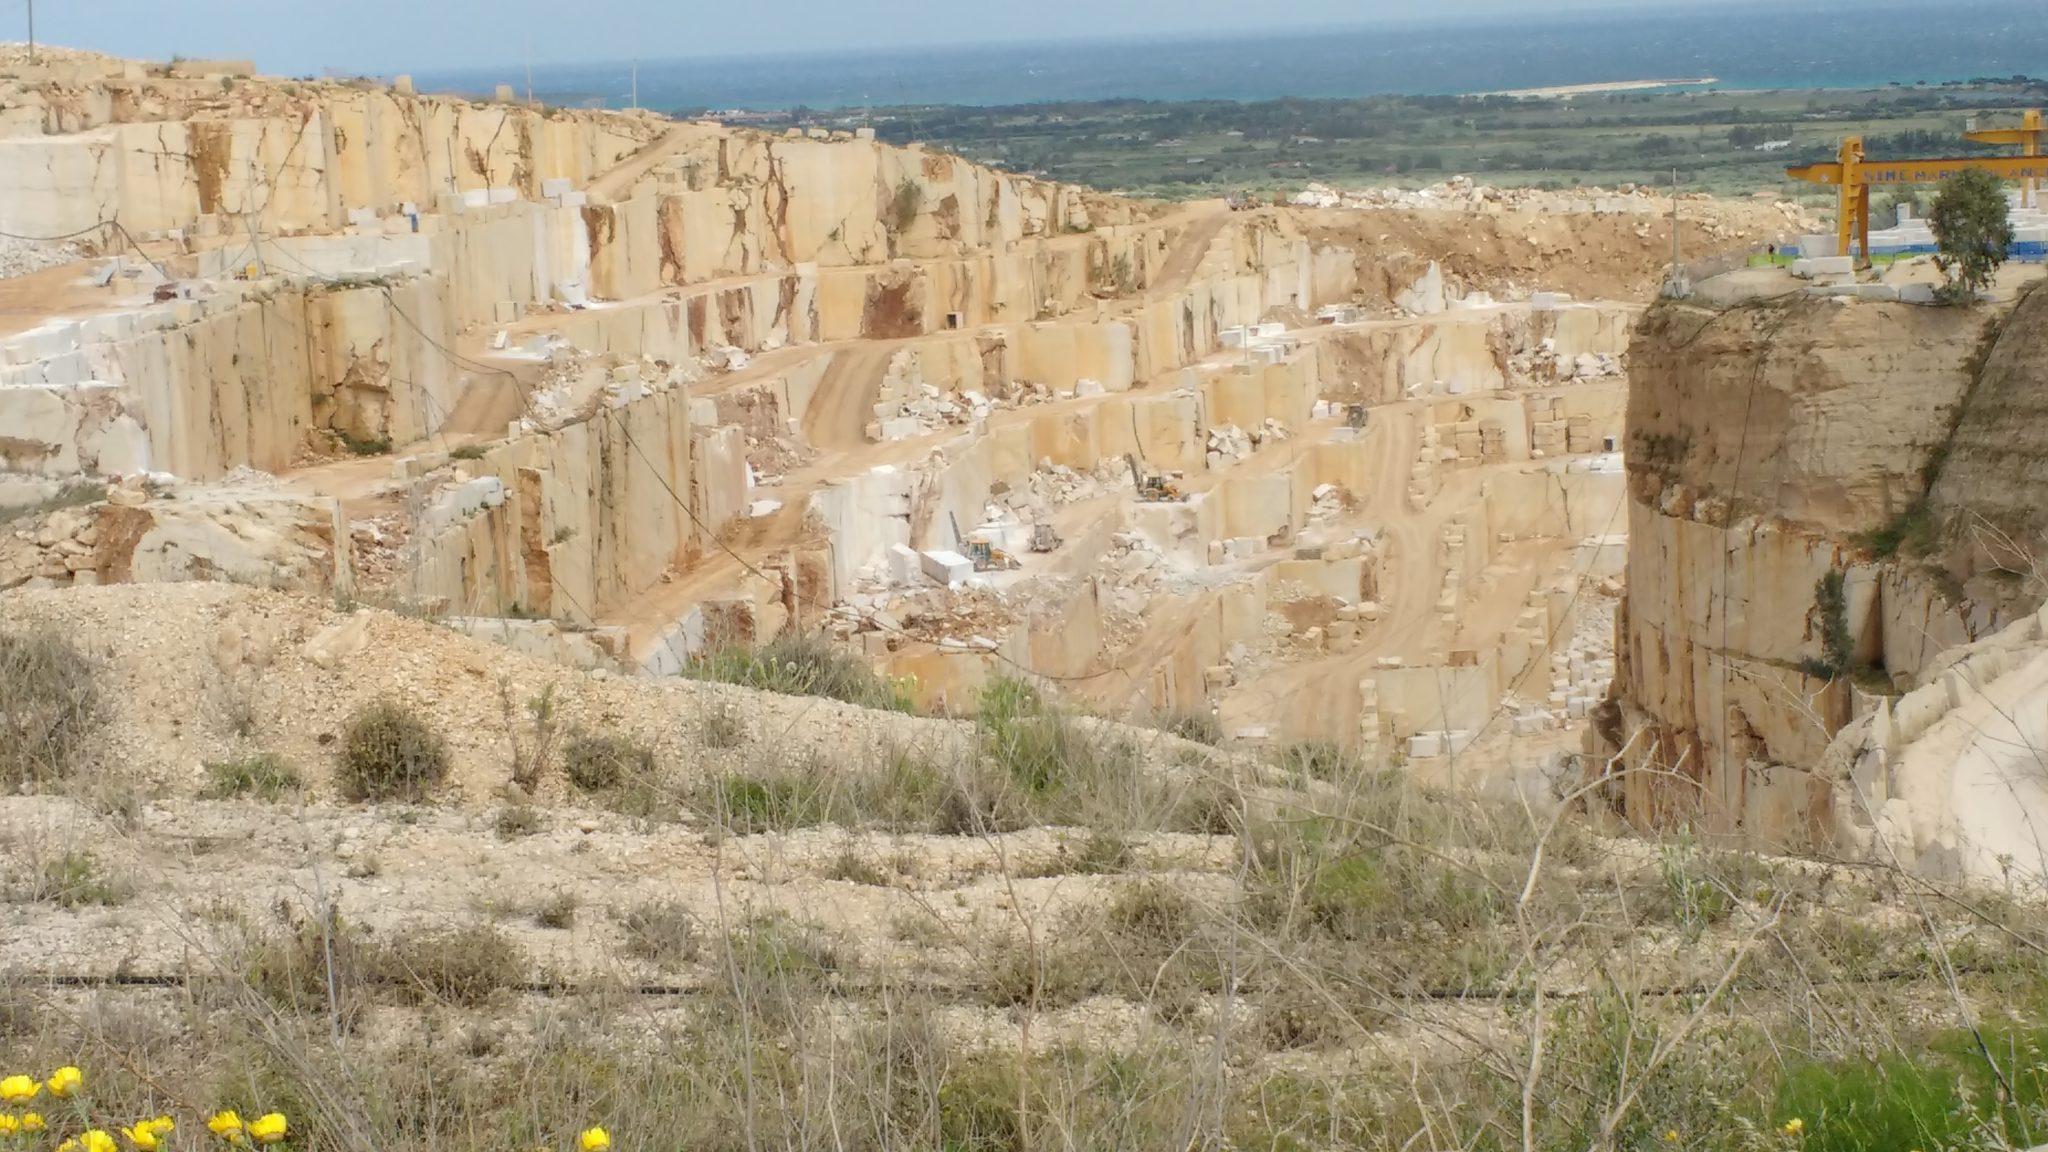 Cava IMG 20160514 145844604 Cave e lavorazione del marmo: gli studi sul bacino di Orosei